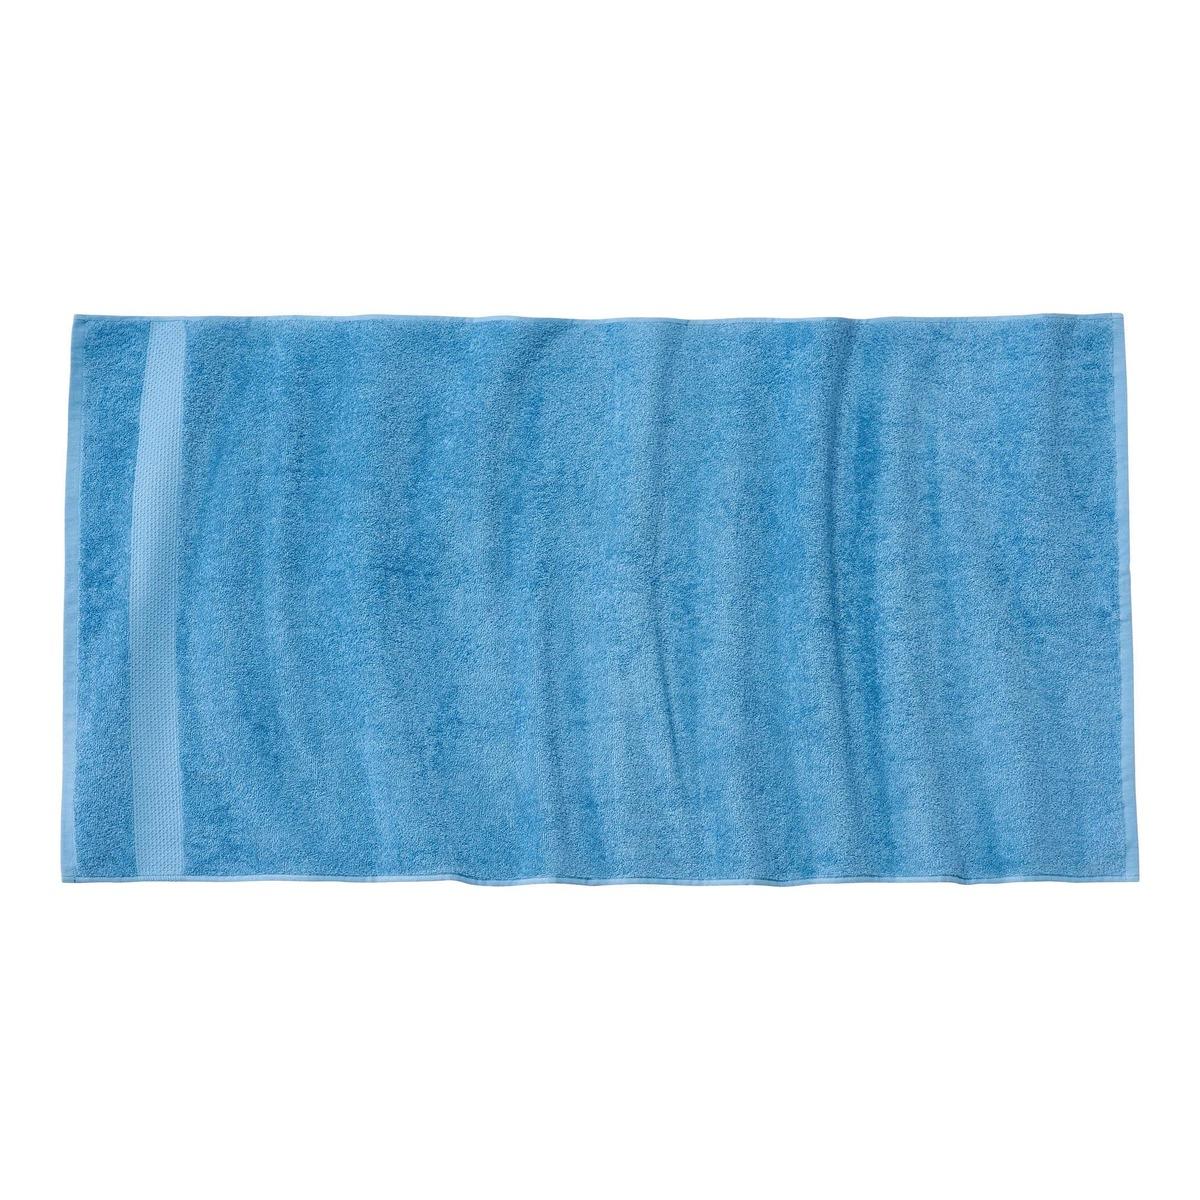 Bild 1 von Duschtuch mit Bordüre, ca. 65x130cm